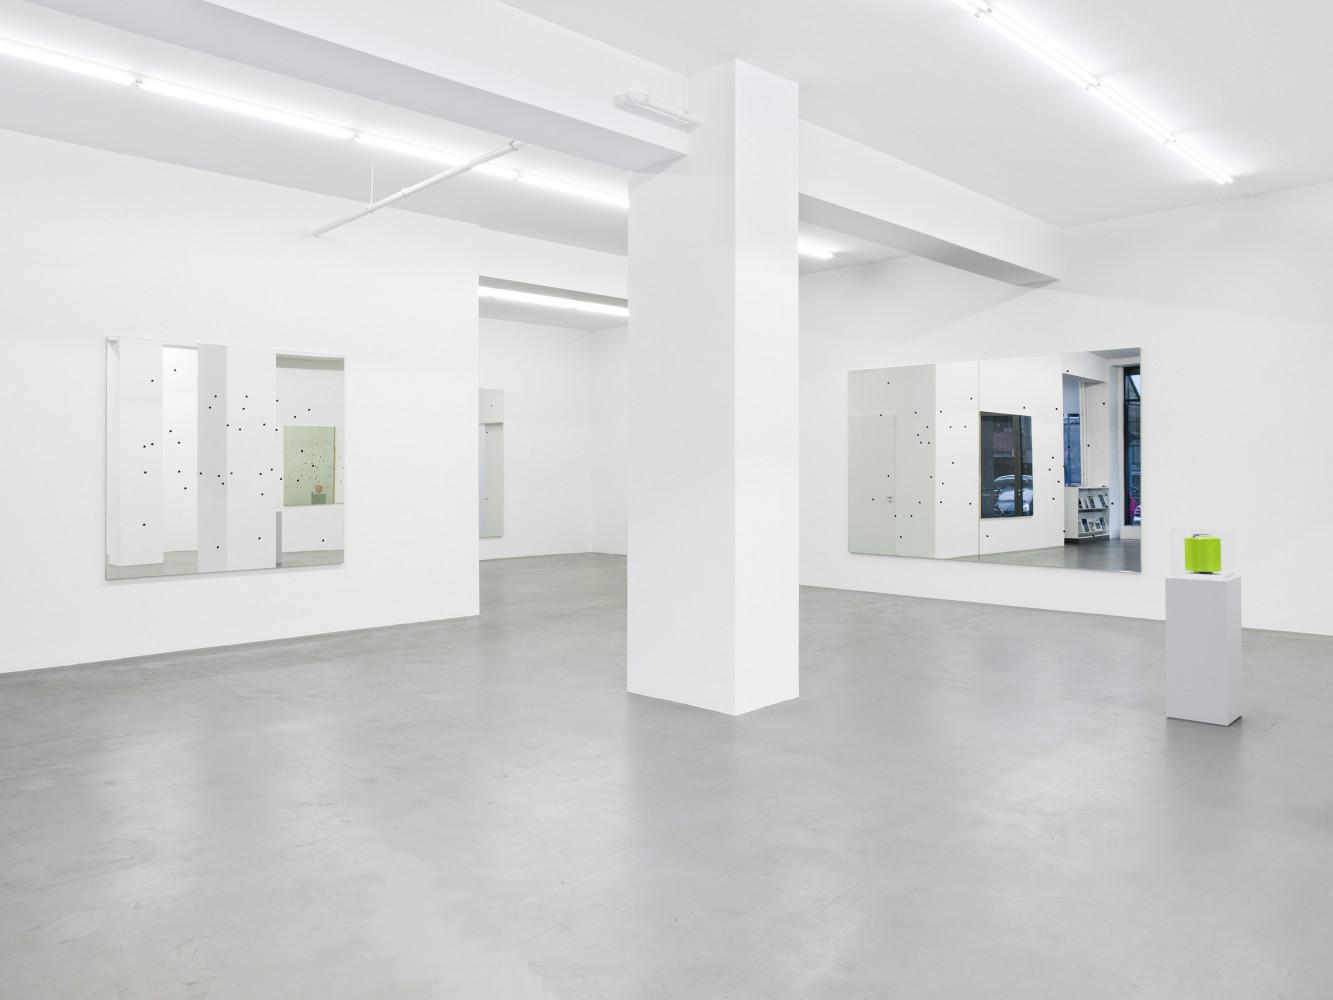 Alberto Garutti, Installation view, Buchmann Galerie, 2015